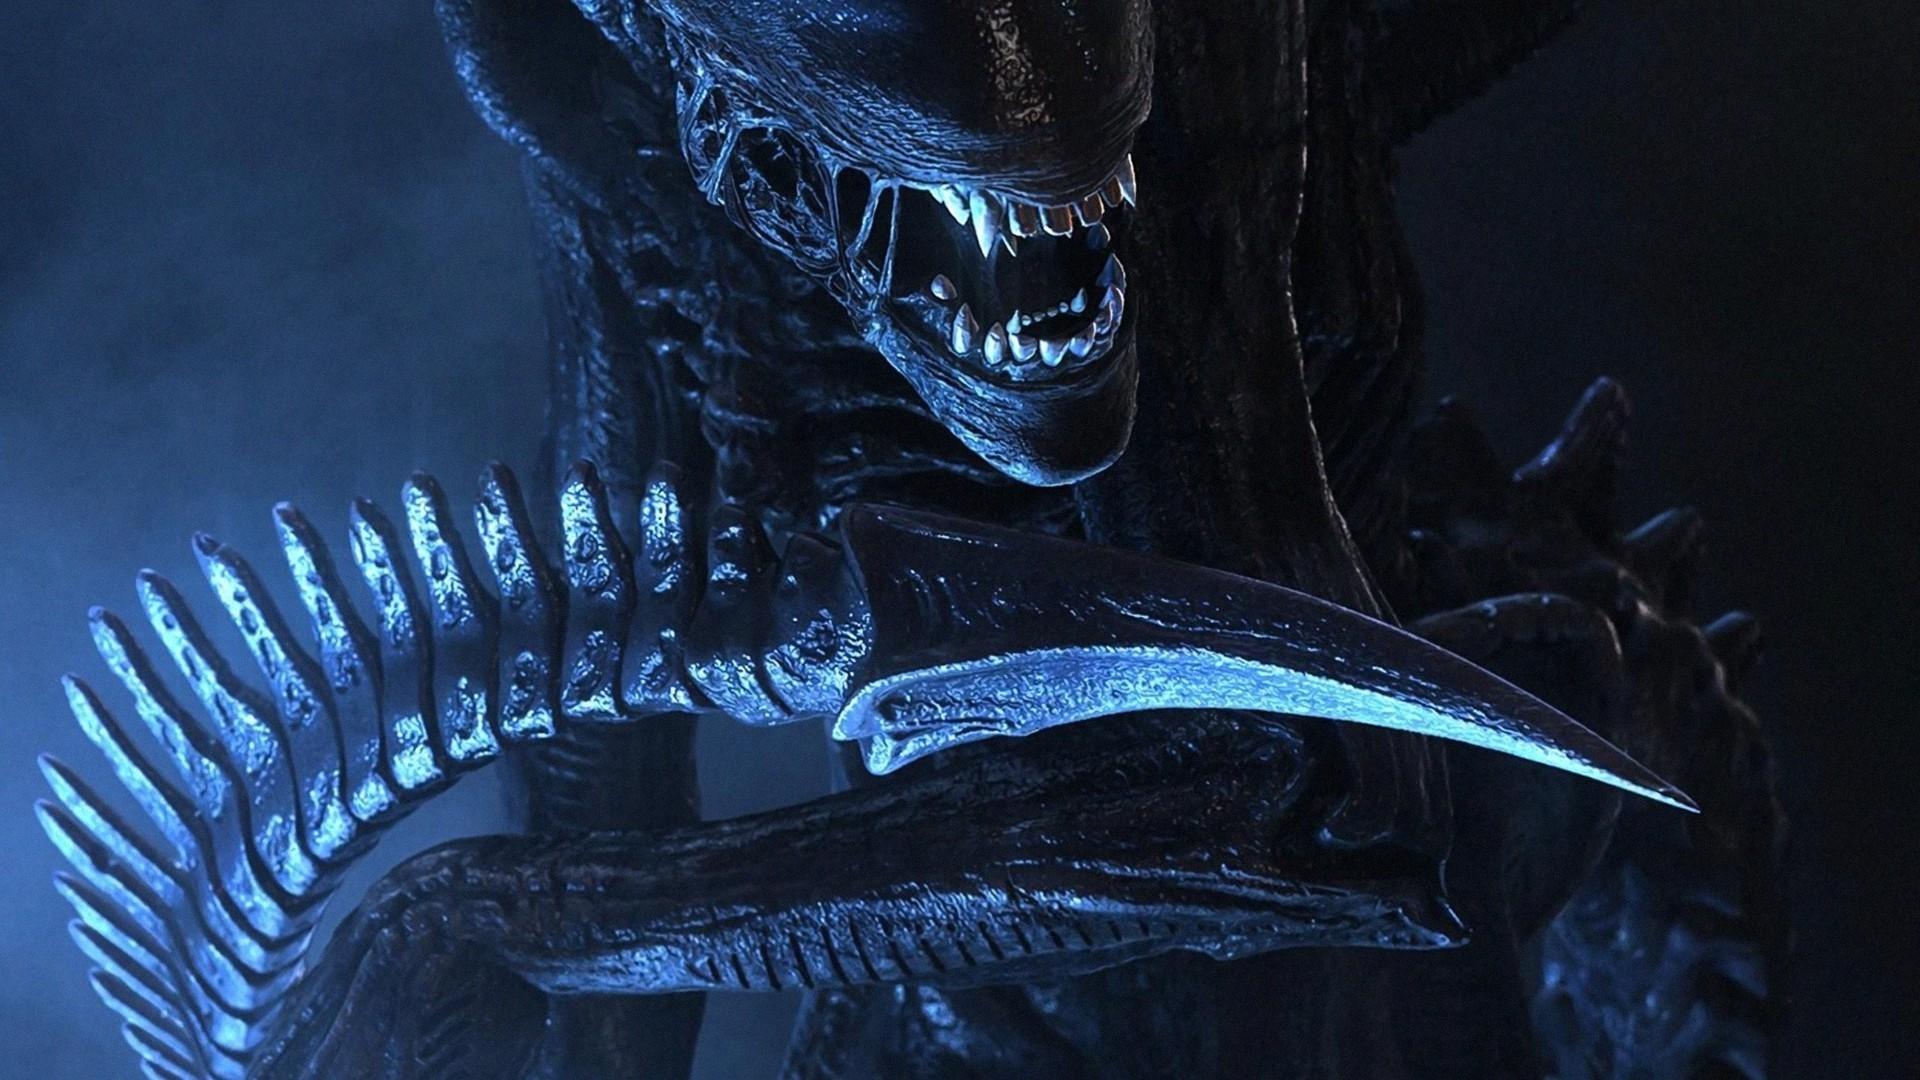 Aliens wallpaper download free full hd backgrounds for - Alien desktop ...